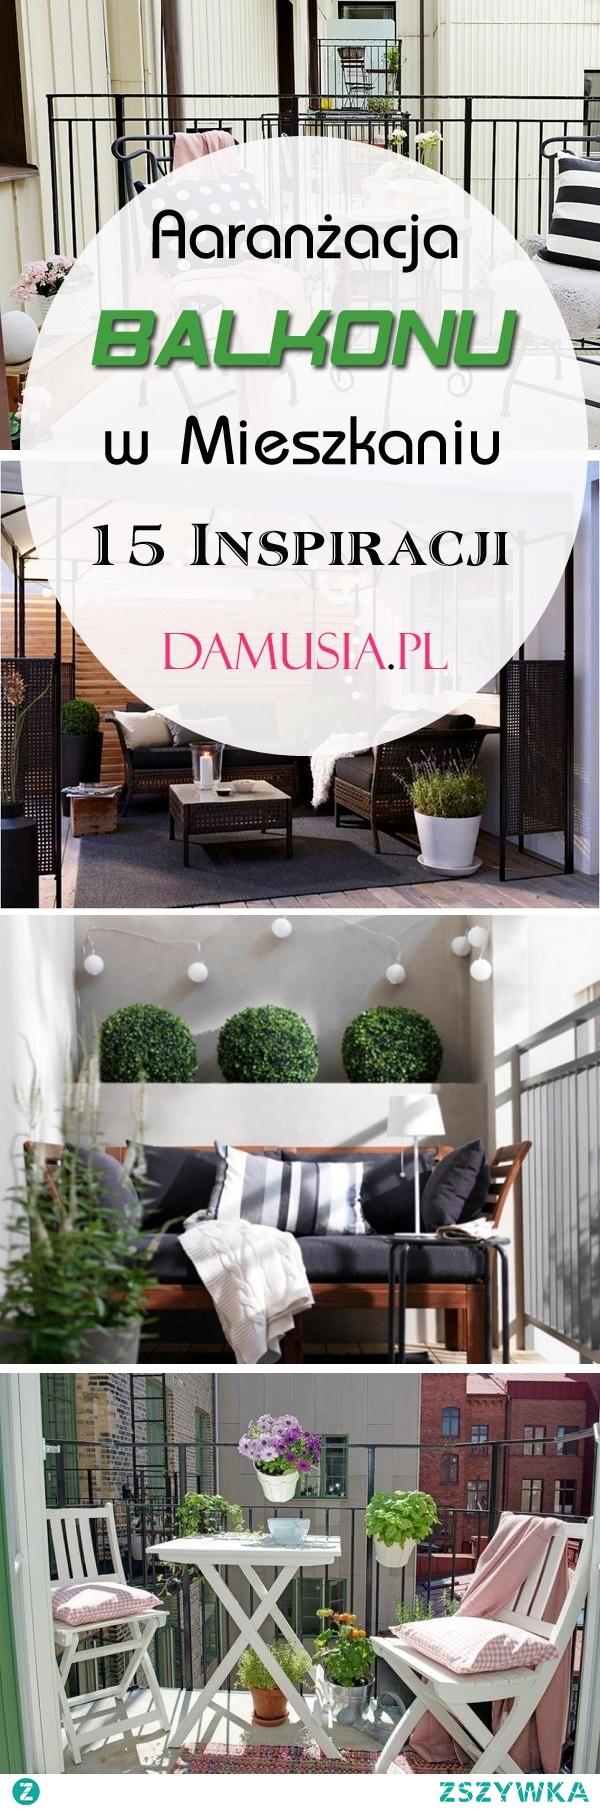 Aranżacja Balkonu w Mieszkaniu: 15 Inspiracji na Balkon w Bloku